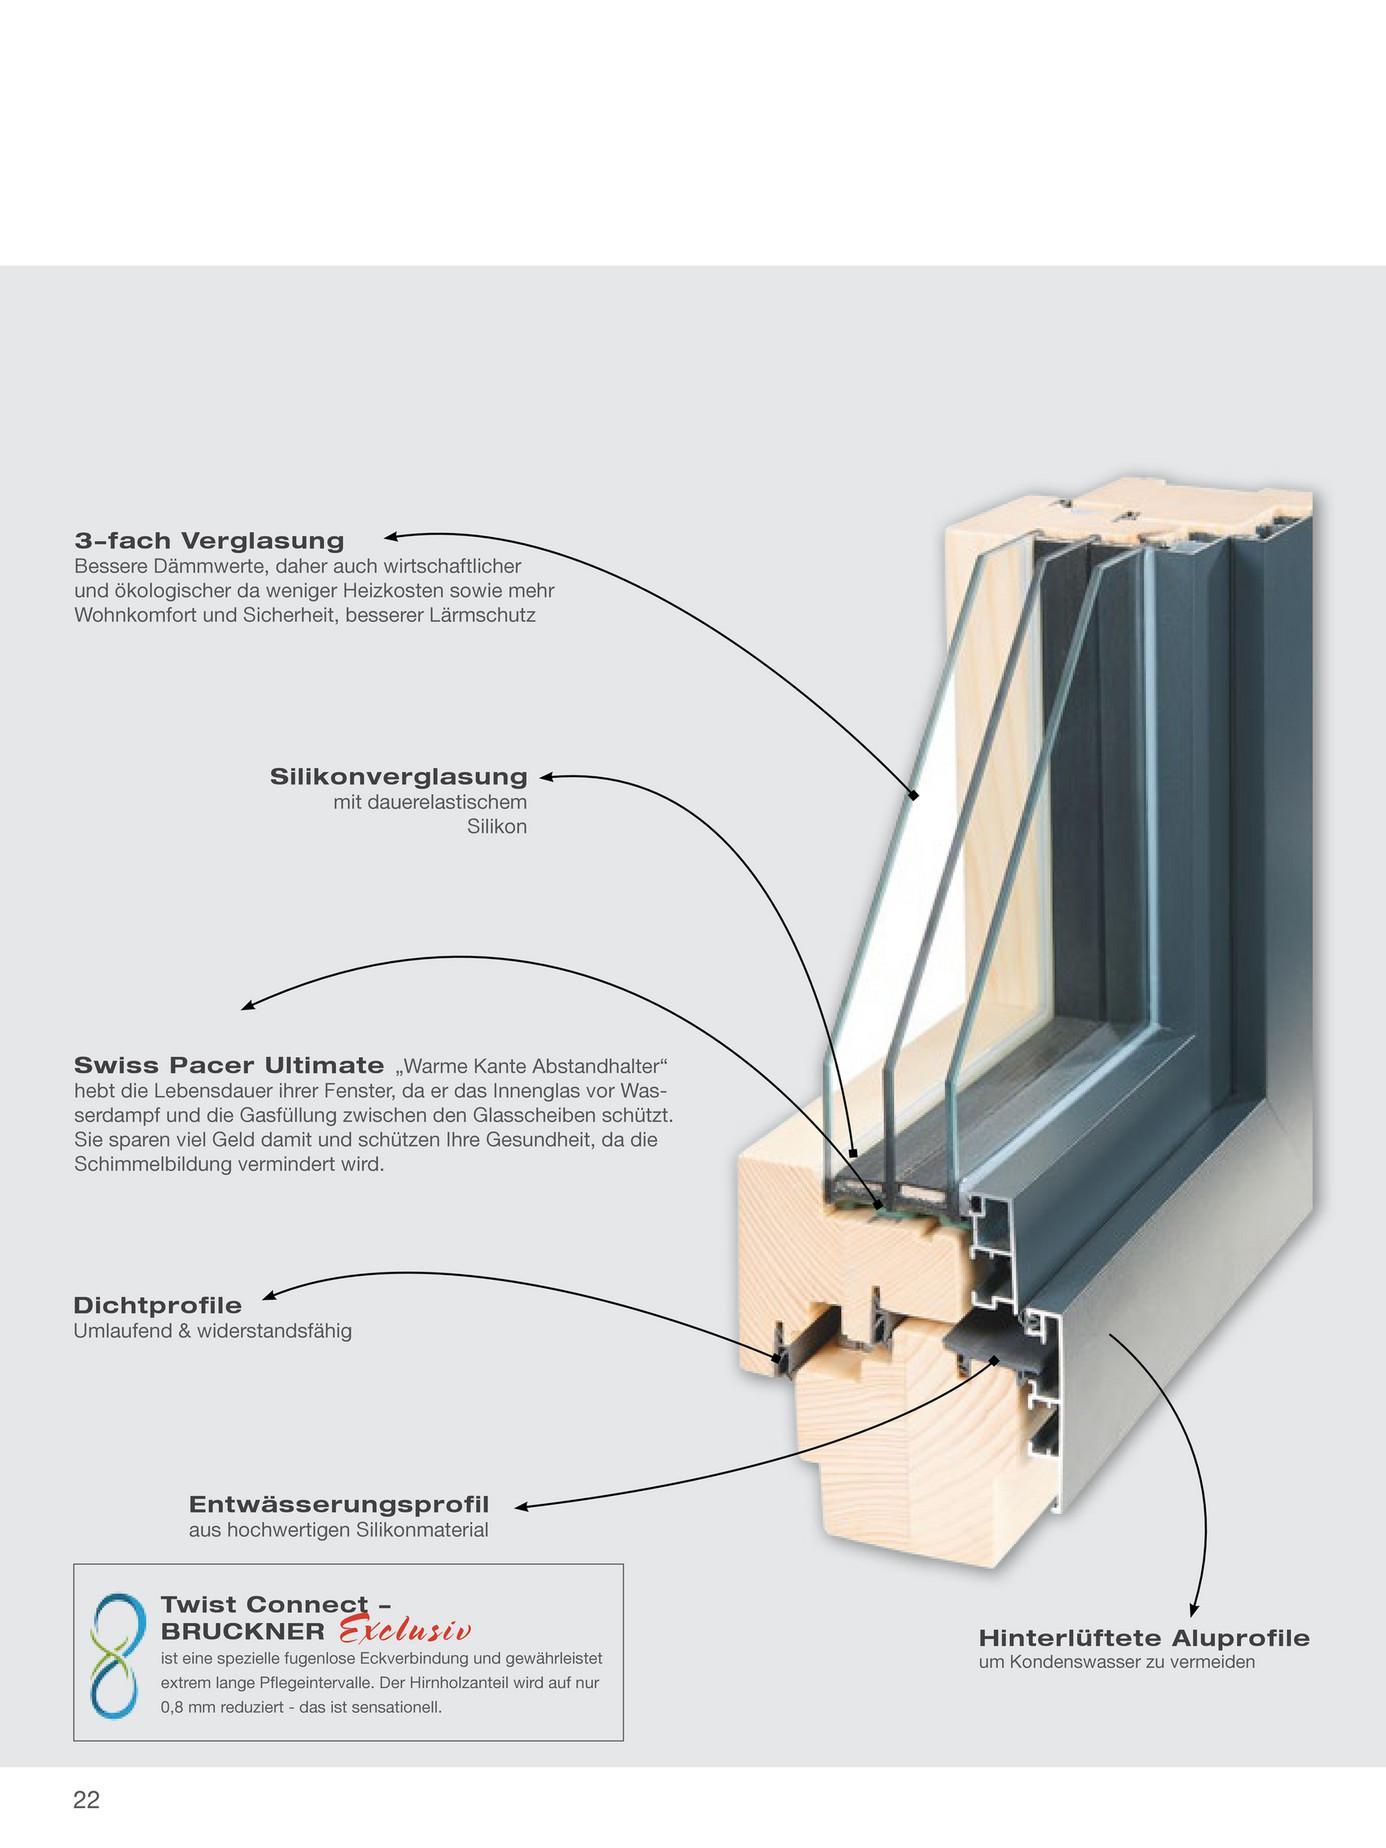 Bruckner Fenster Und Turen Bruckner Fenster Und Turenhauptkatalog 2018 Seite 24 25 Created With Publitas Com